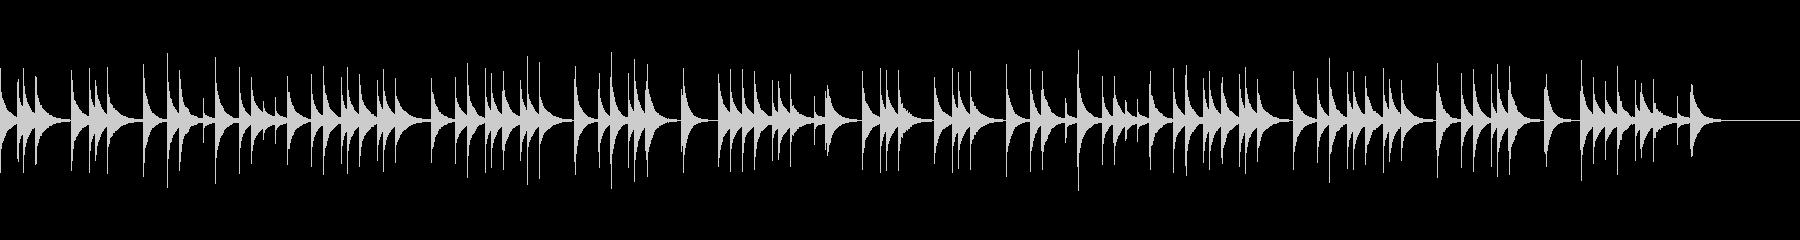 きよしこの夜(オルゴール)の未再生の波形